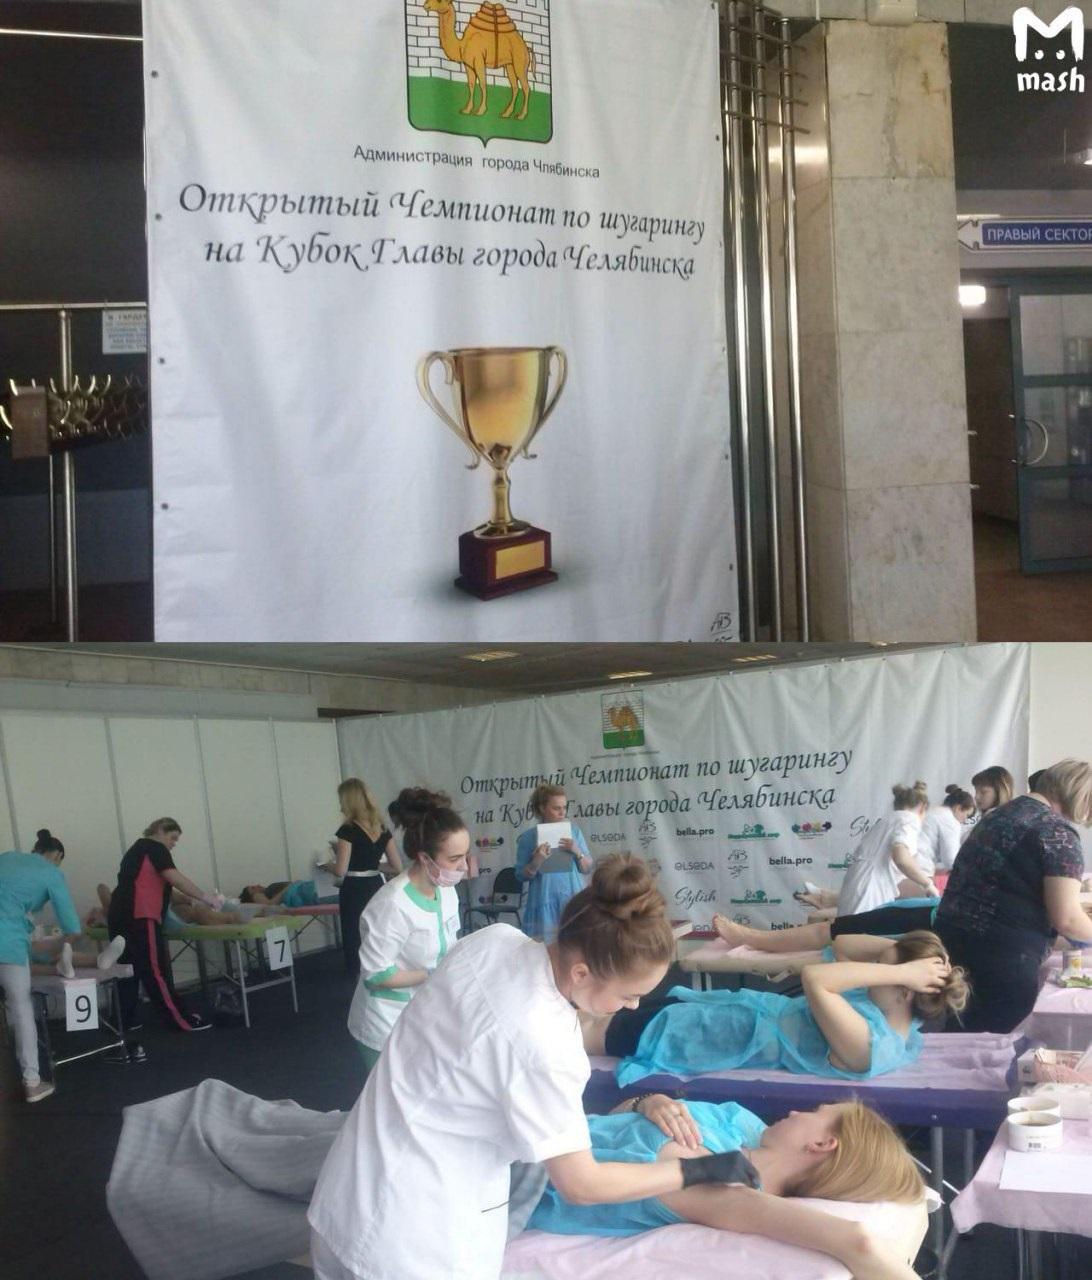 В Челябинске прошел чемпионат по шугарингу.